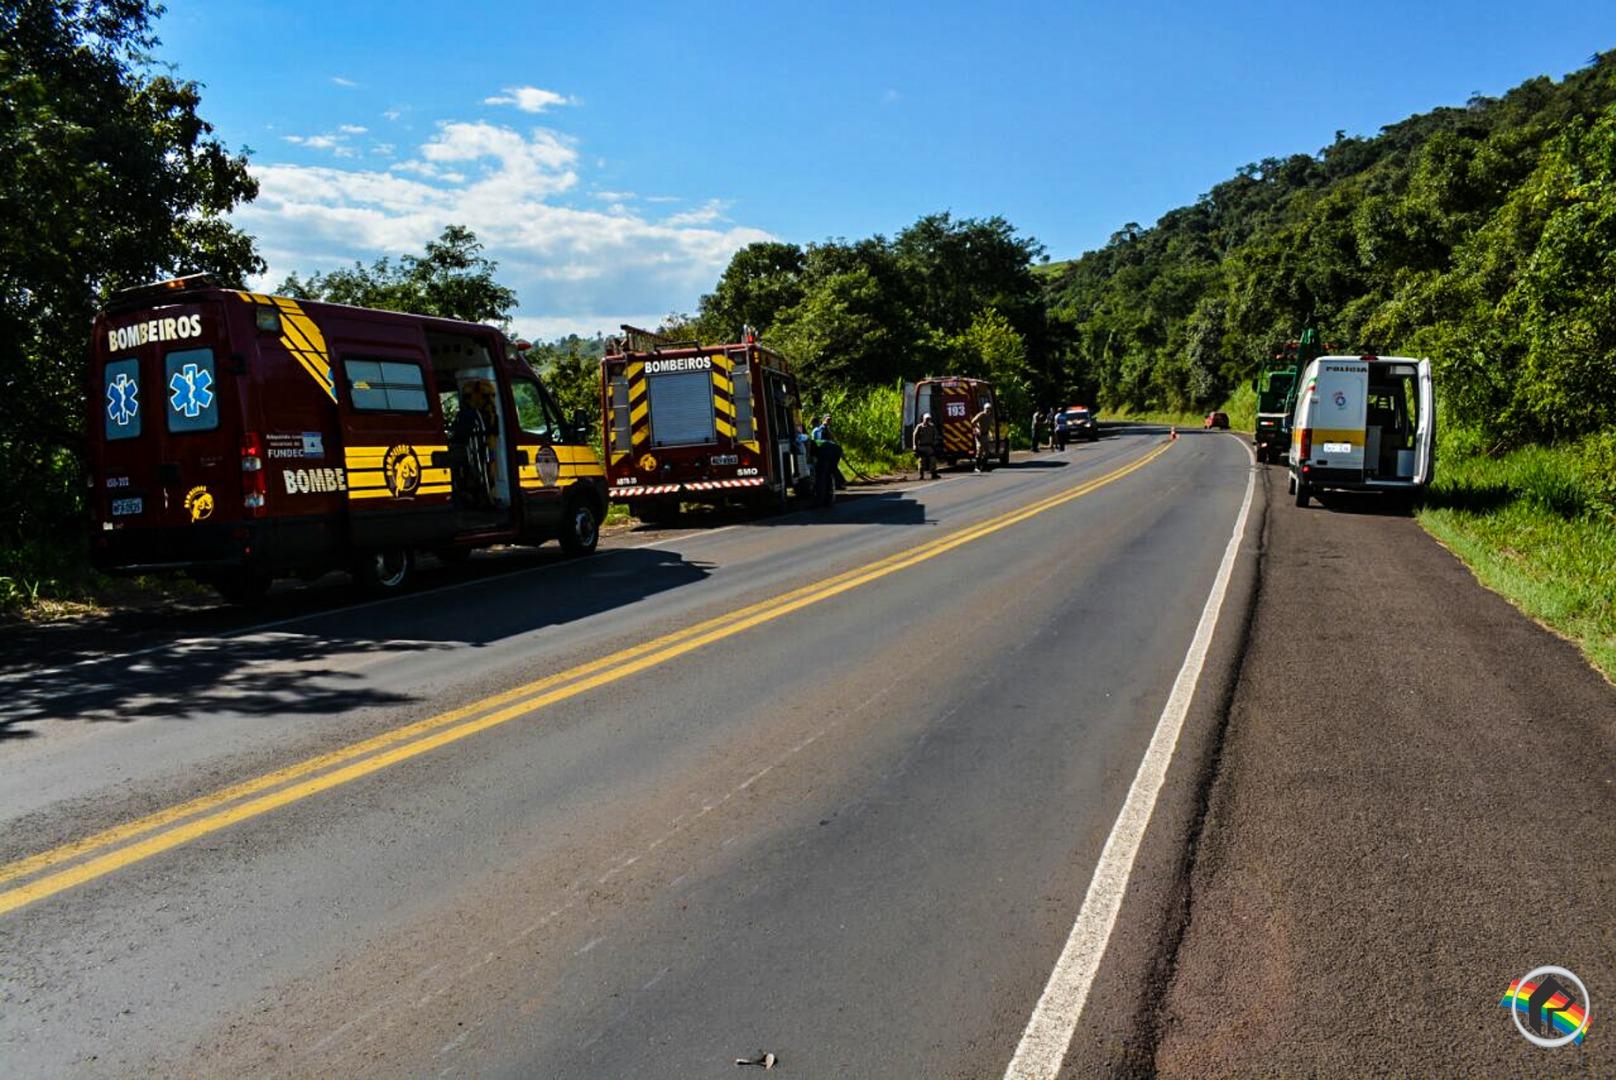 Caminhão sai da pista e cai em barranco de aproximadamente 50 metros